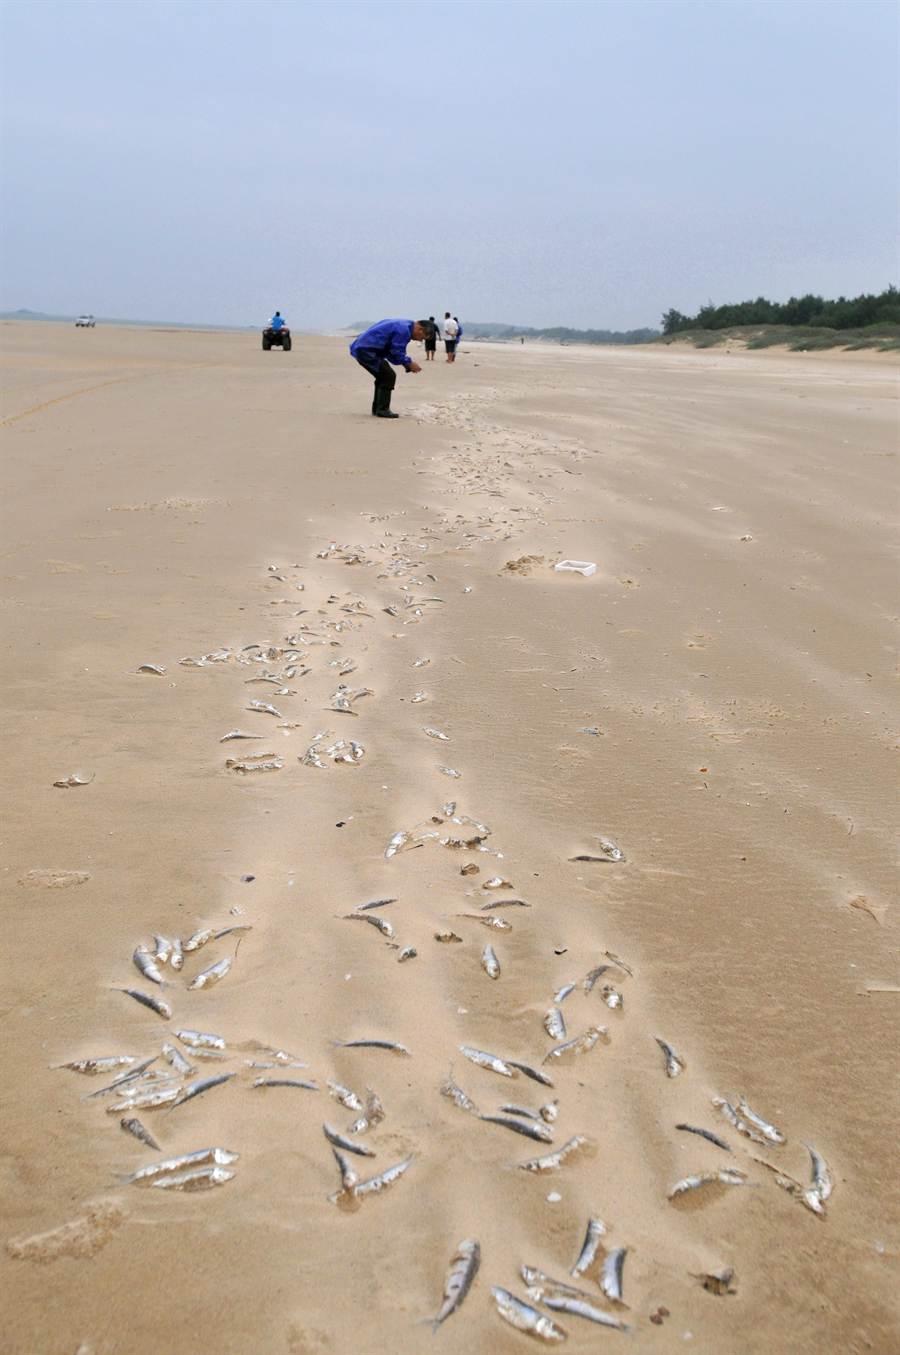 死魚數量估計逾2萬隻,有人撿拾充作天然有機肥料。(李金生攝)